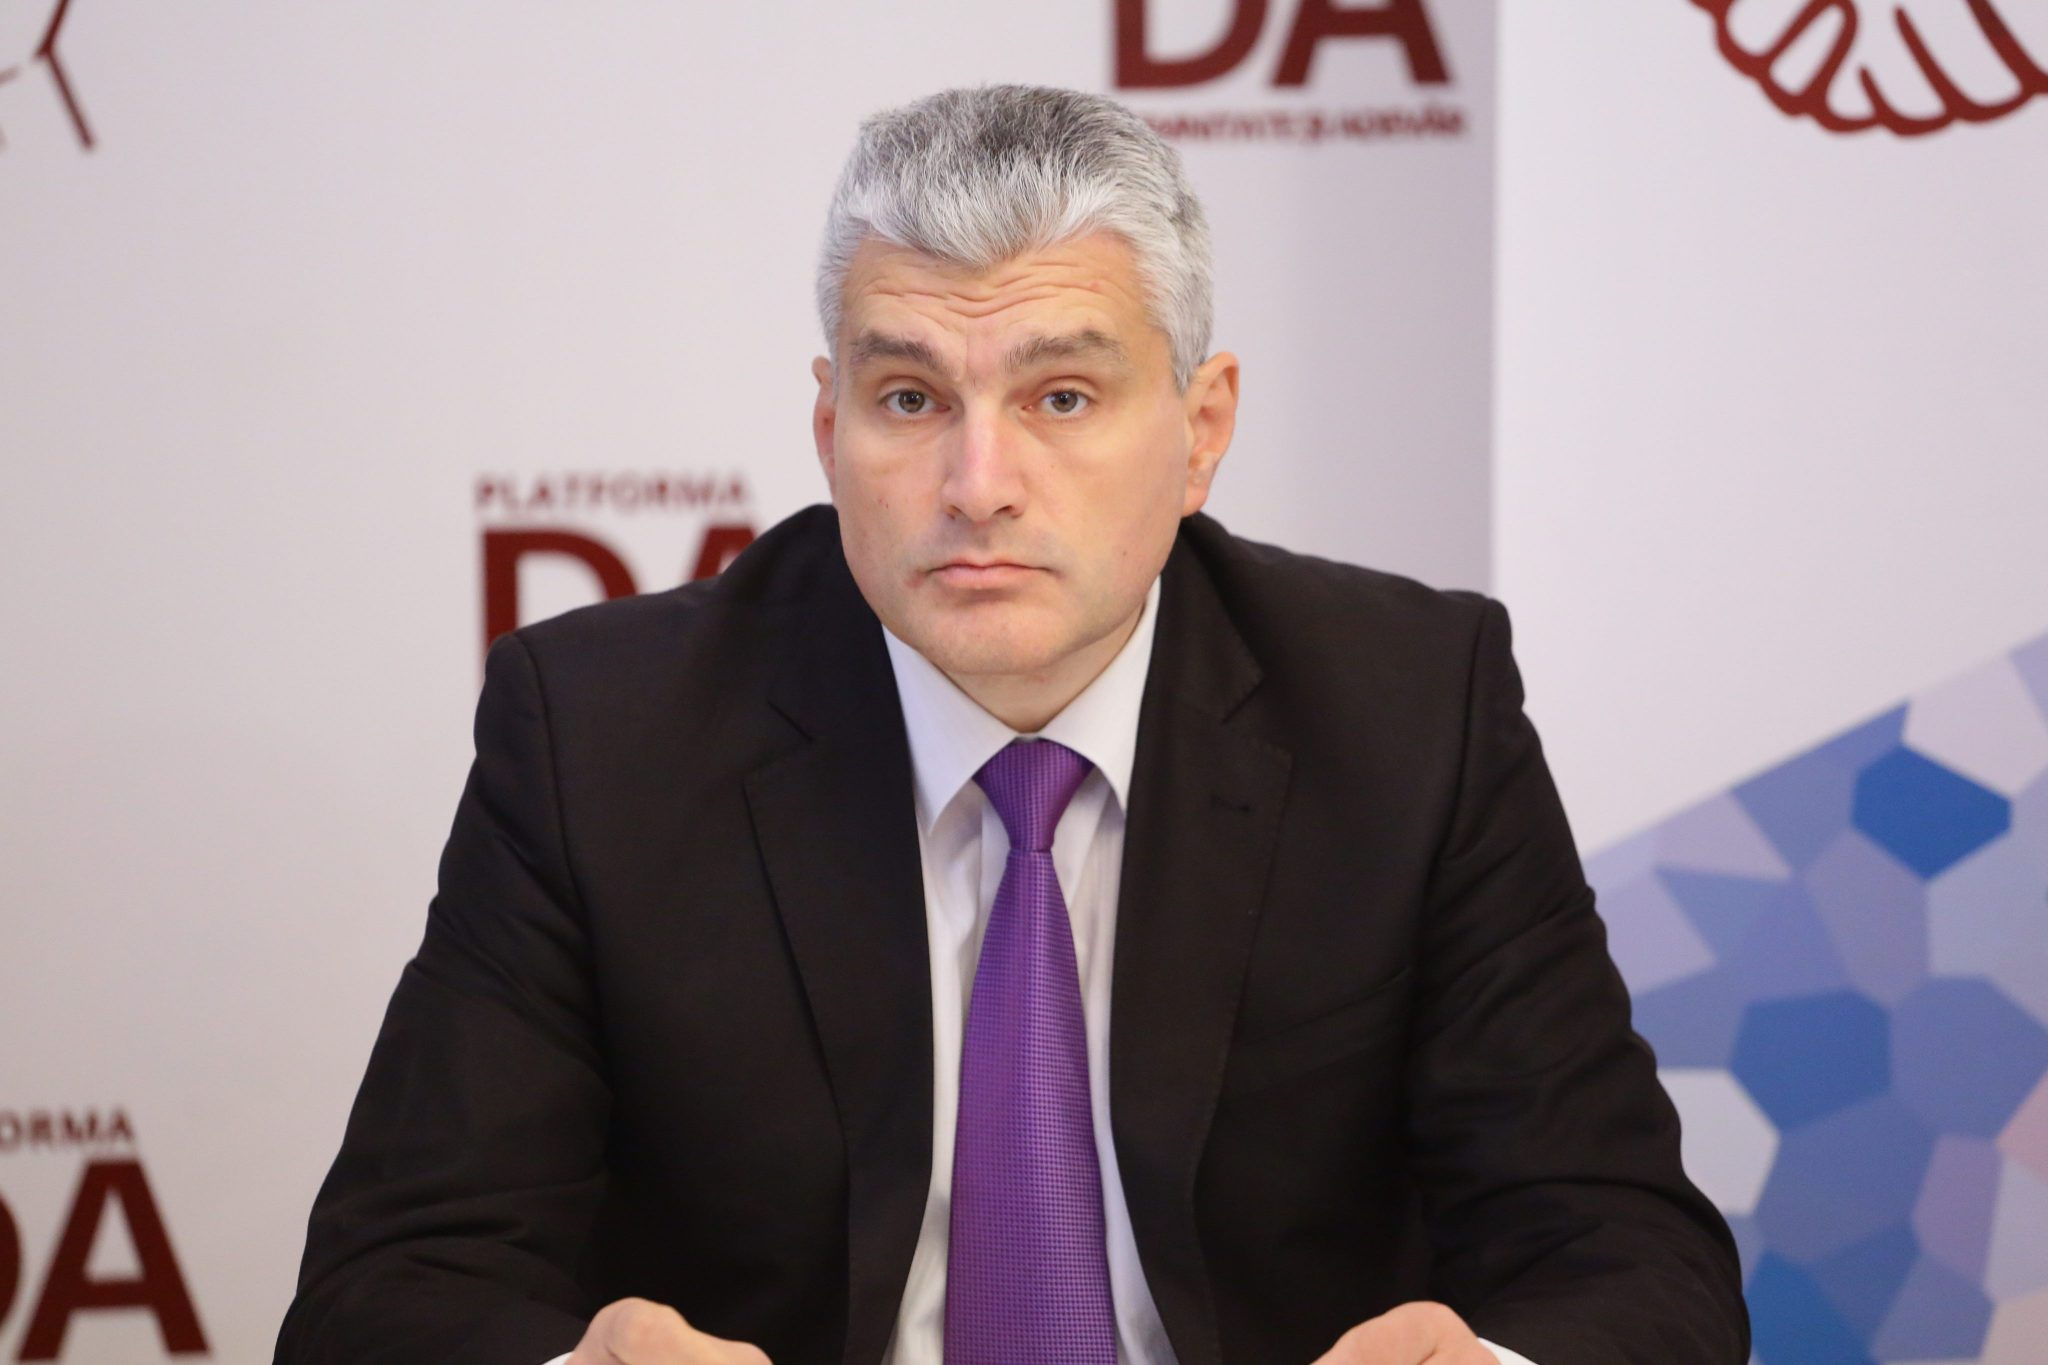 Слусарь: Газ, поступающий из России, всегда пахнет шантажом